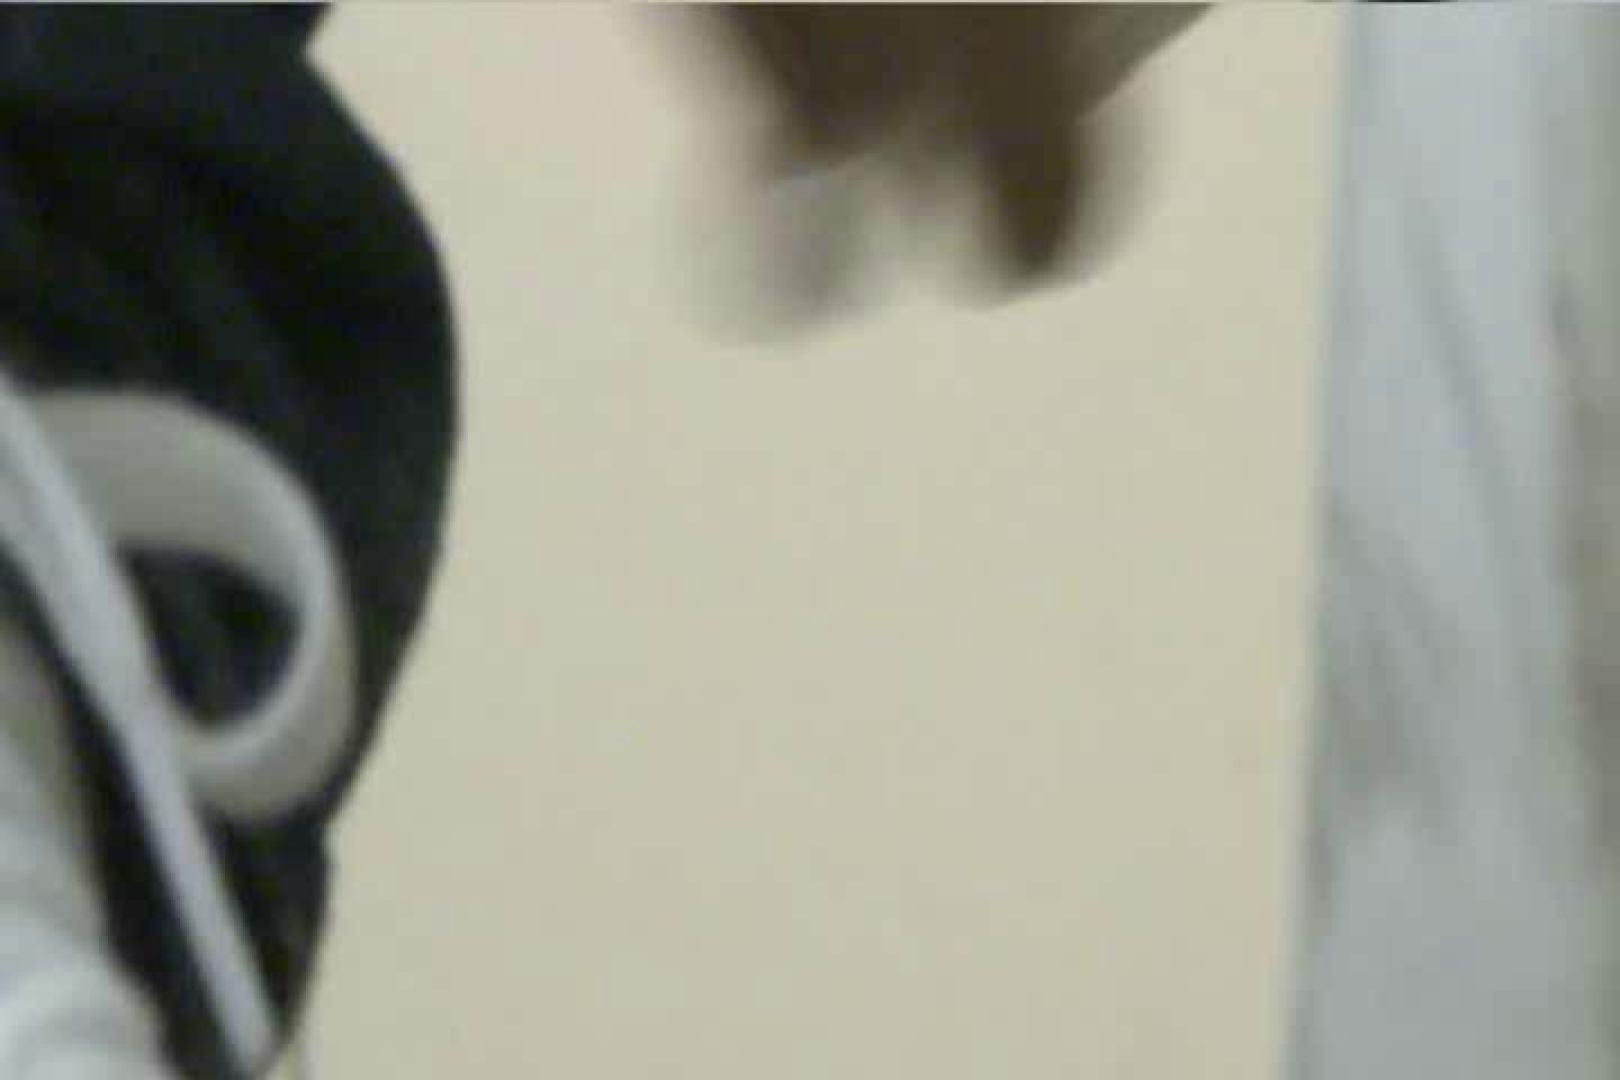 マンコ丸見え女子洗面所Vol.20 マンコ・ムレムレ   美しいOLの裸体  72pic 17